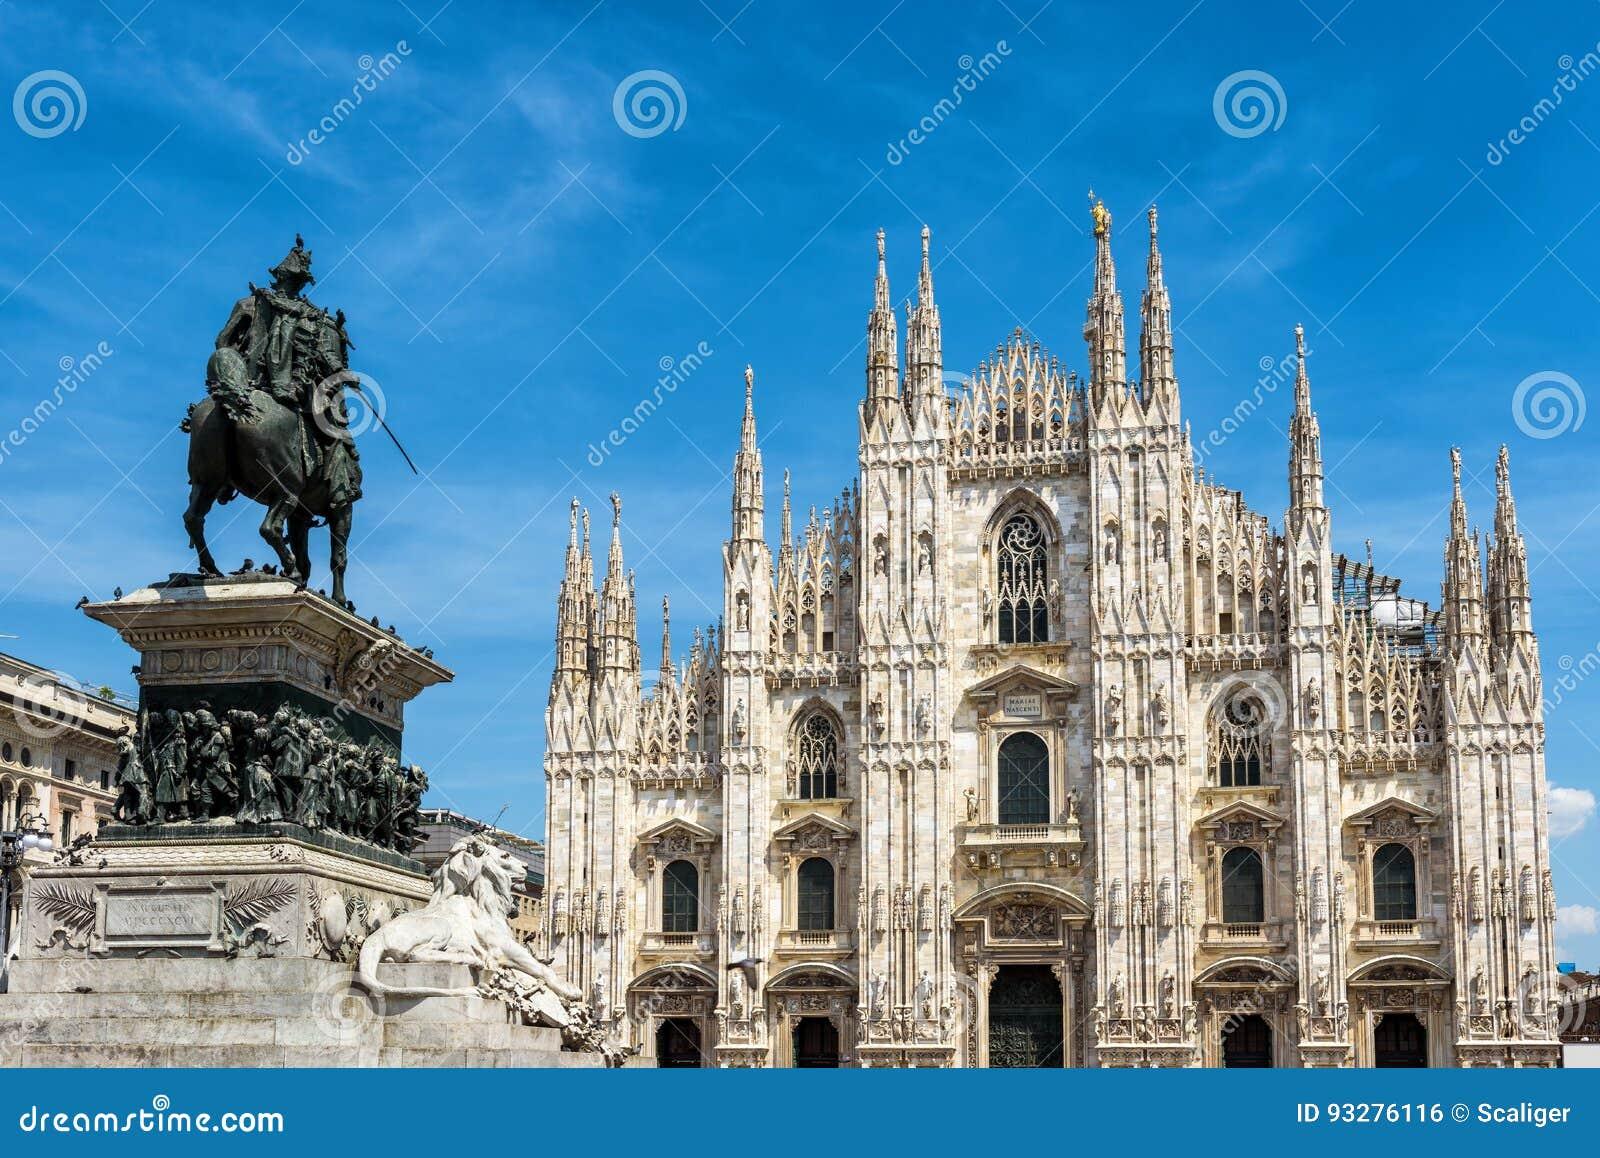 著名米兰大教堂或者中央寺院,在米兰,意大利